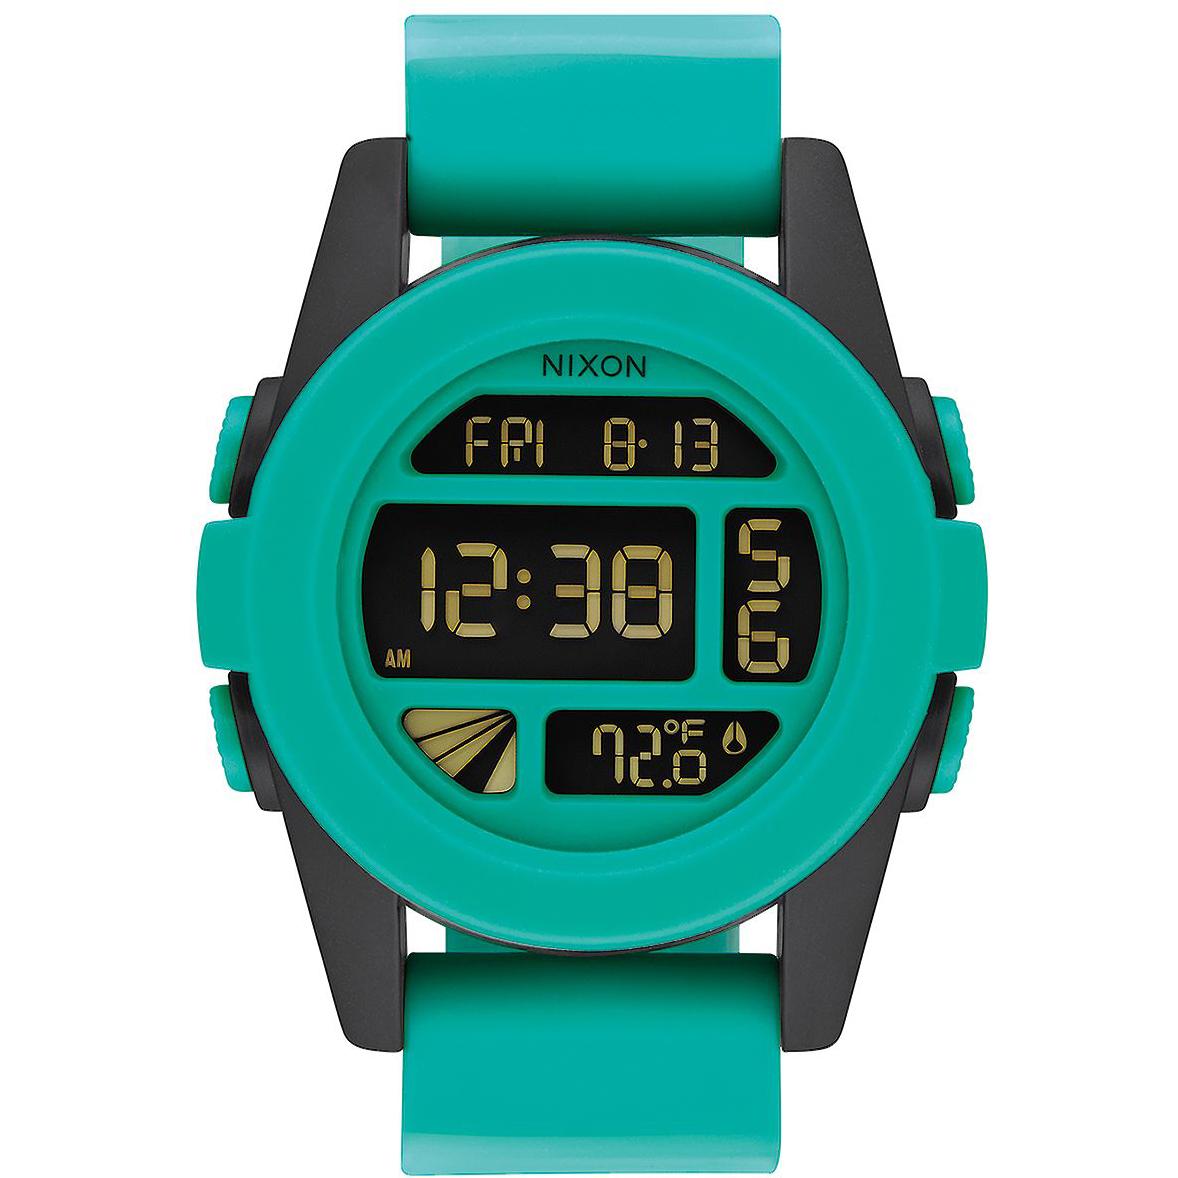 Картинка электронные часы для детей, надписью удачного